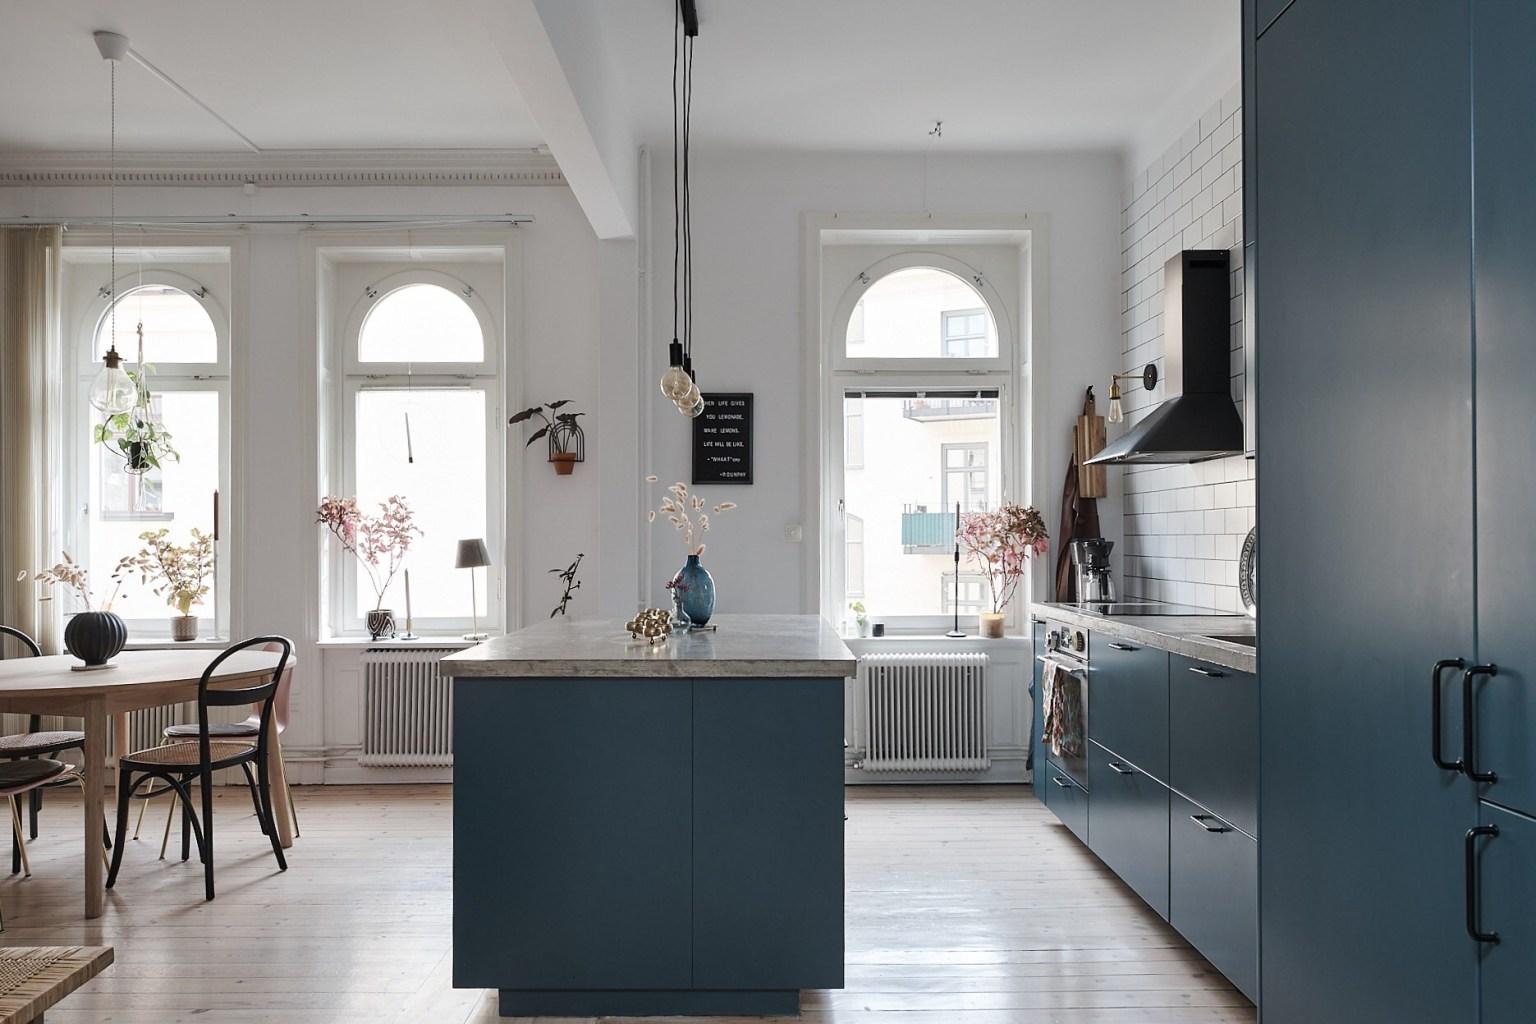 Căn hộ 58m² đẹp tinh tế nhờ phối màu tinh tế theo phong cách Scandinavian - Ảnh 7.